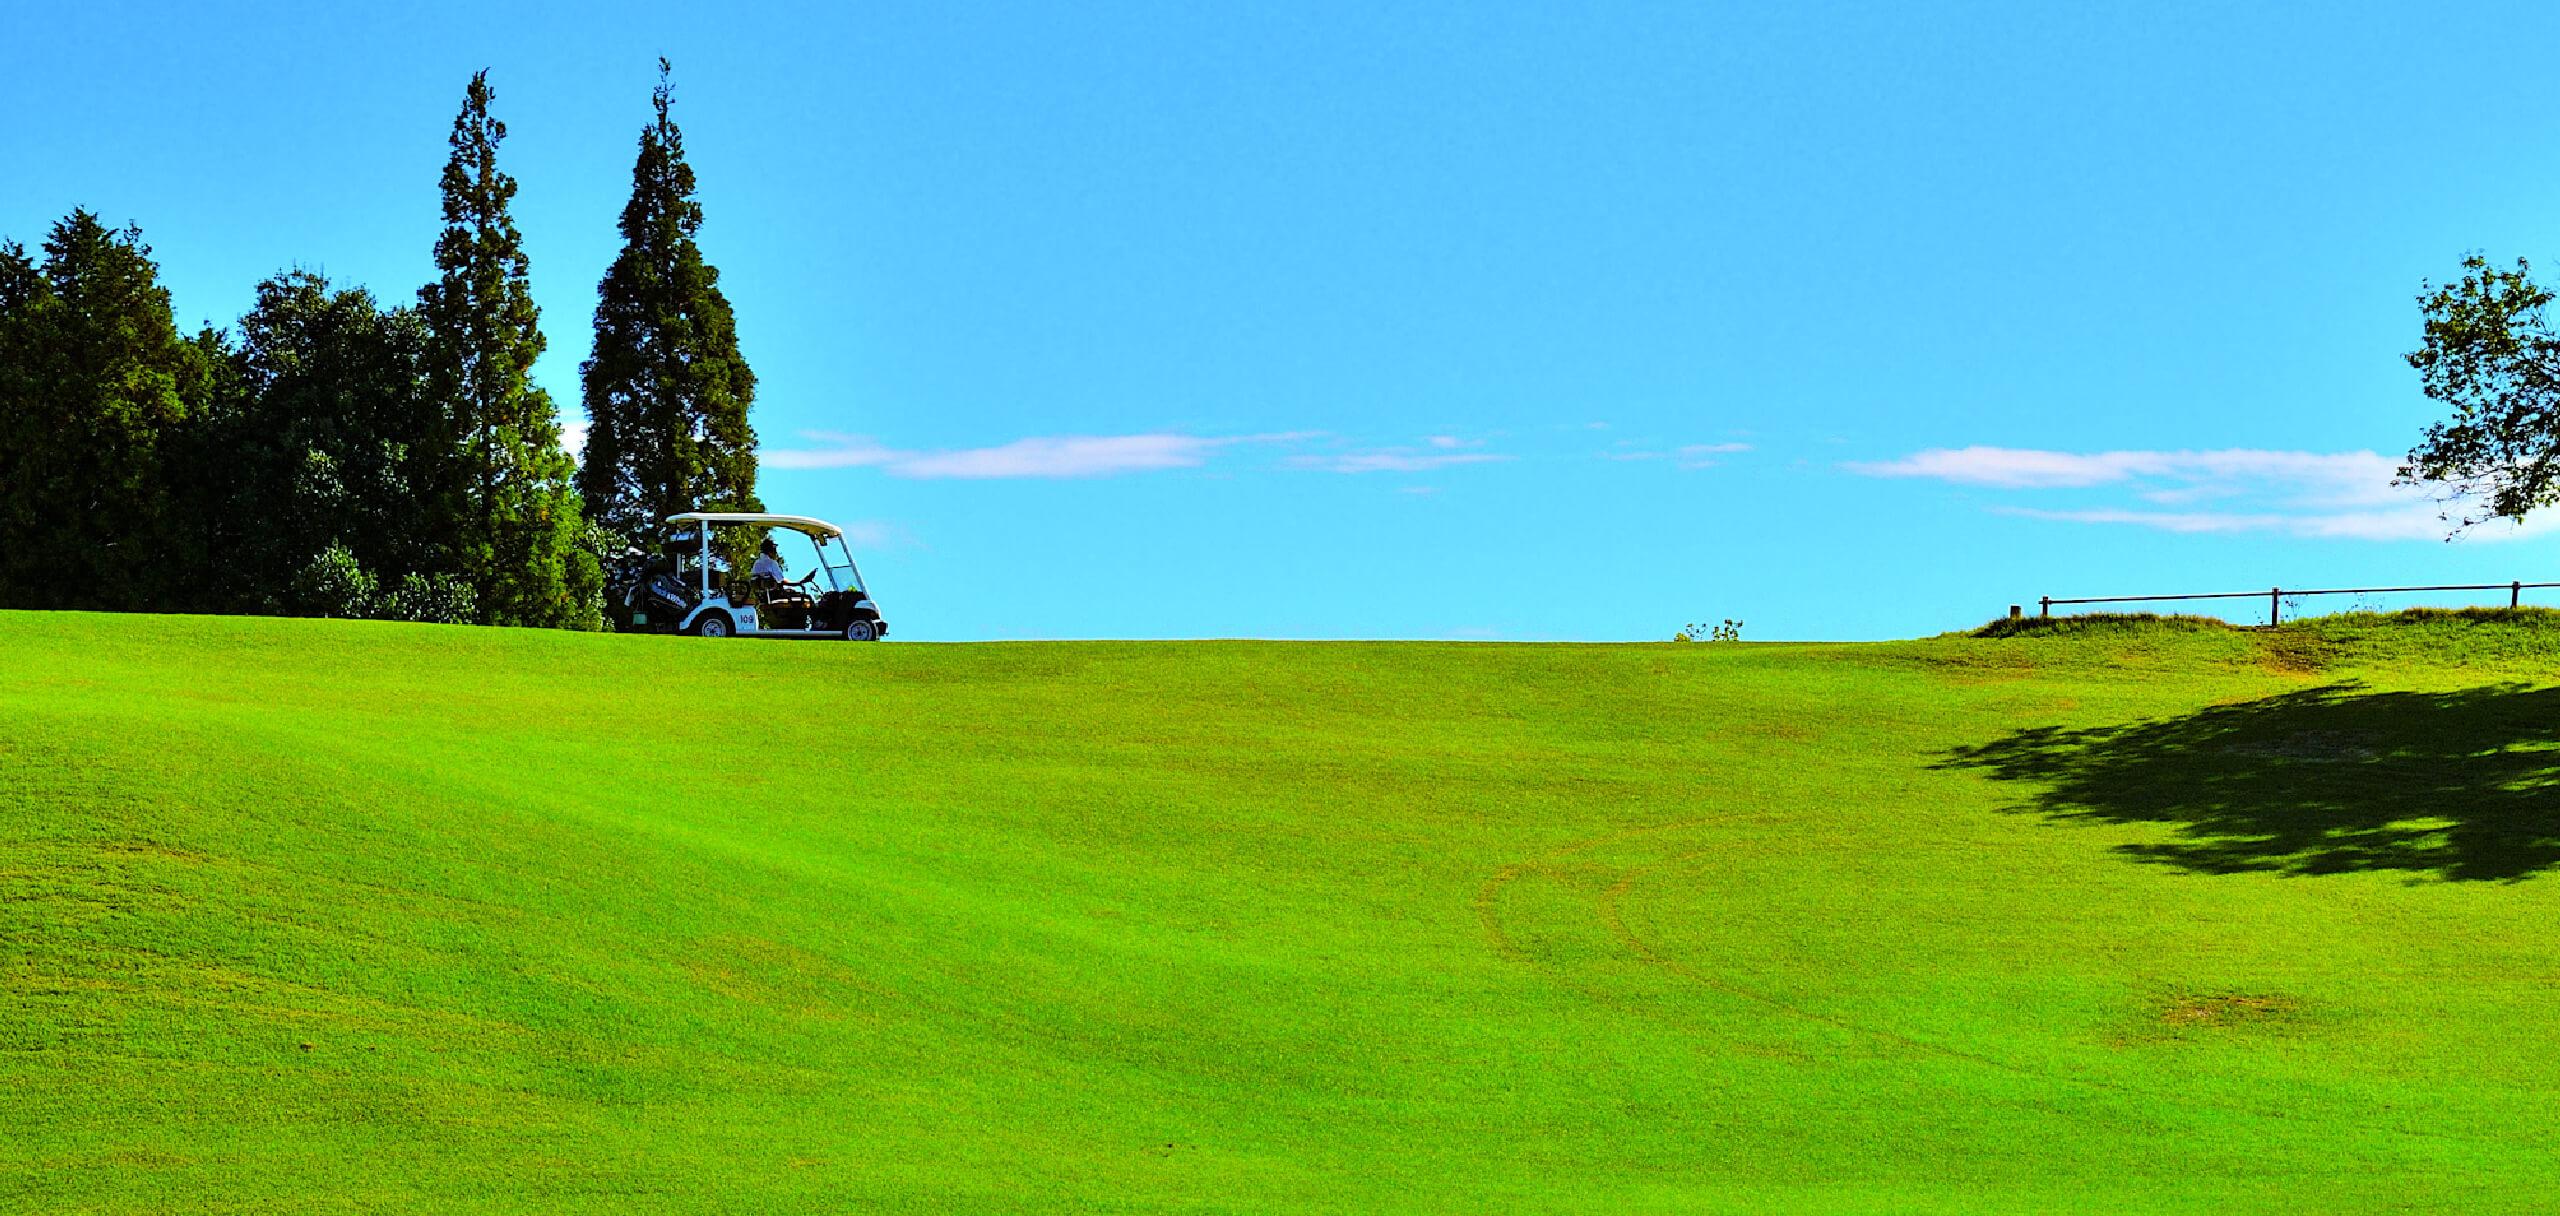 レイクグリーンゴルフ倶楽部メインビジュアル